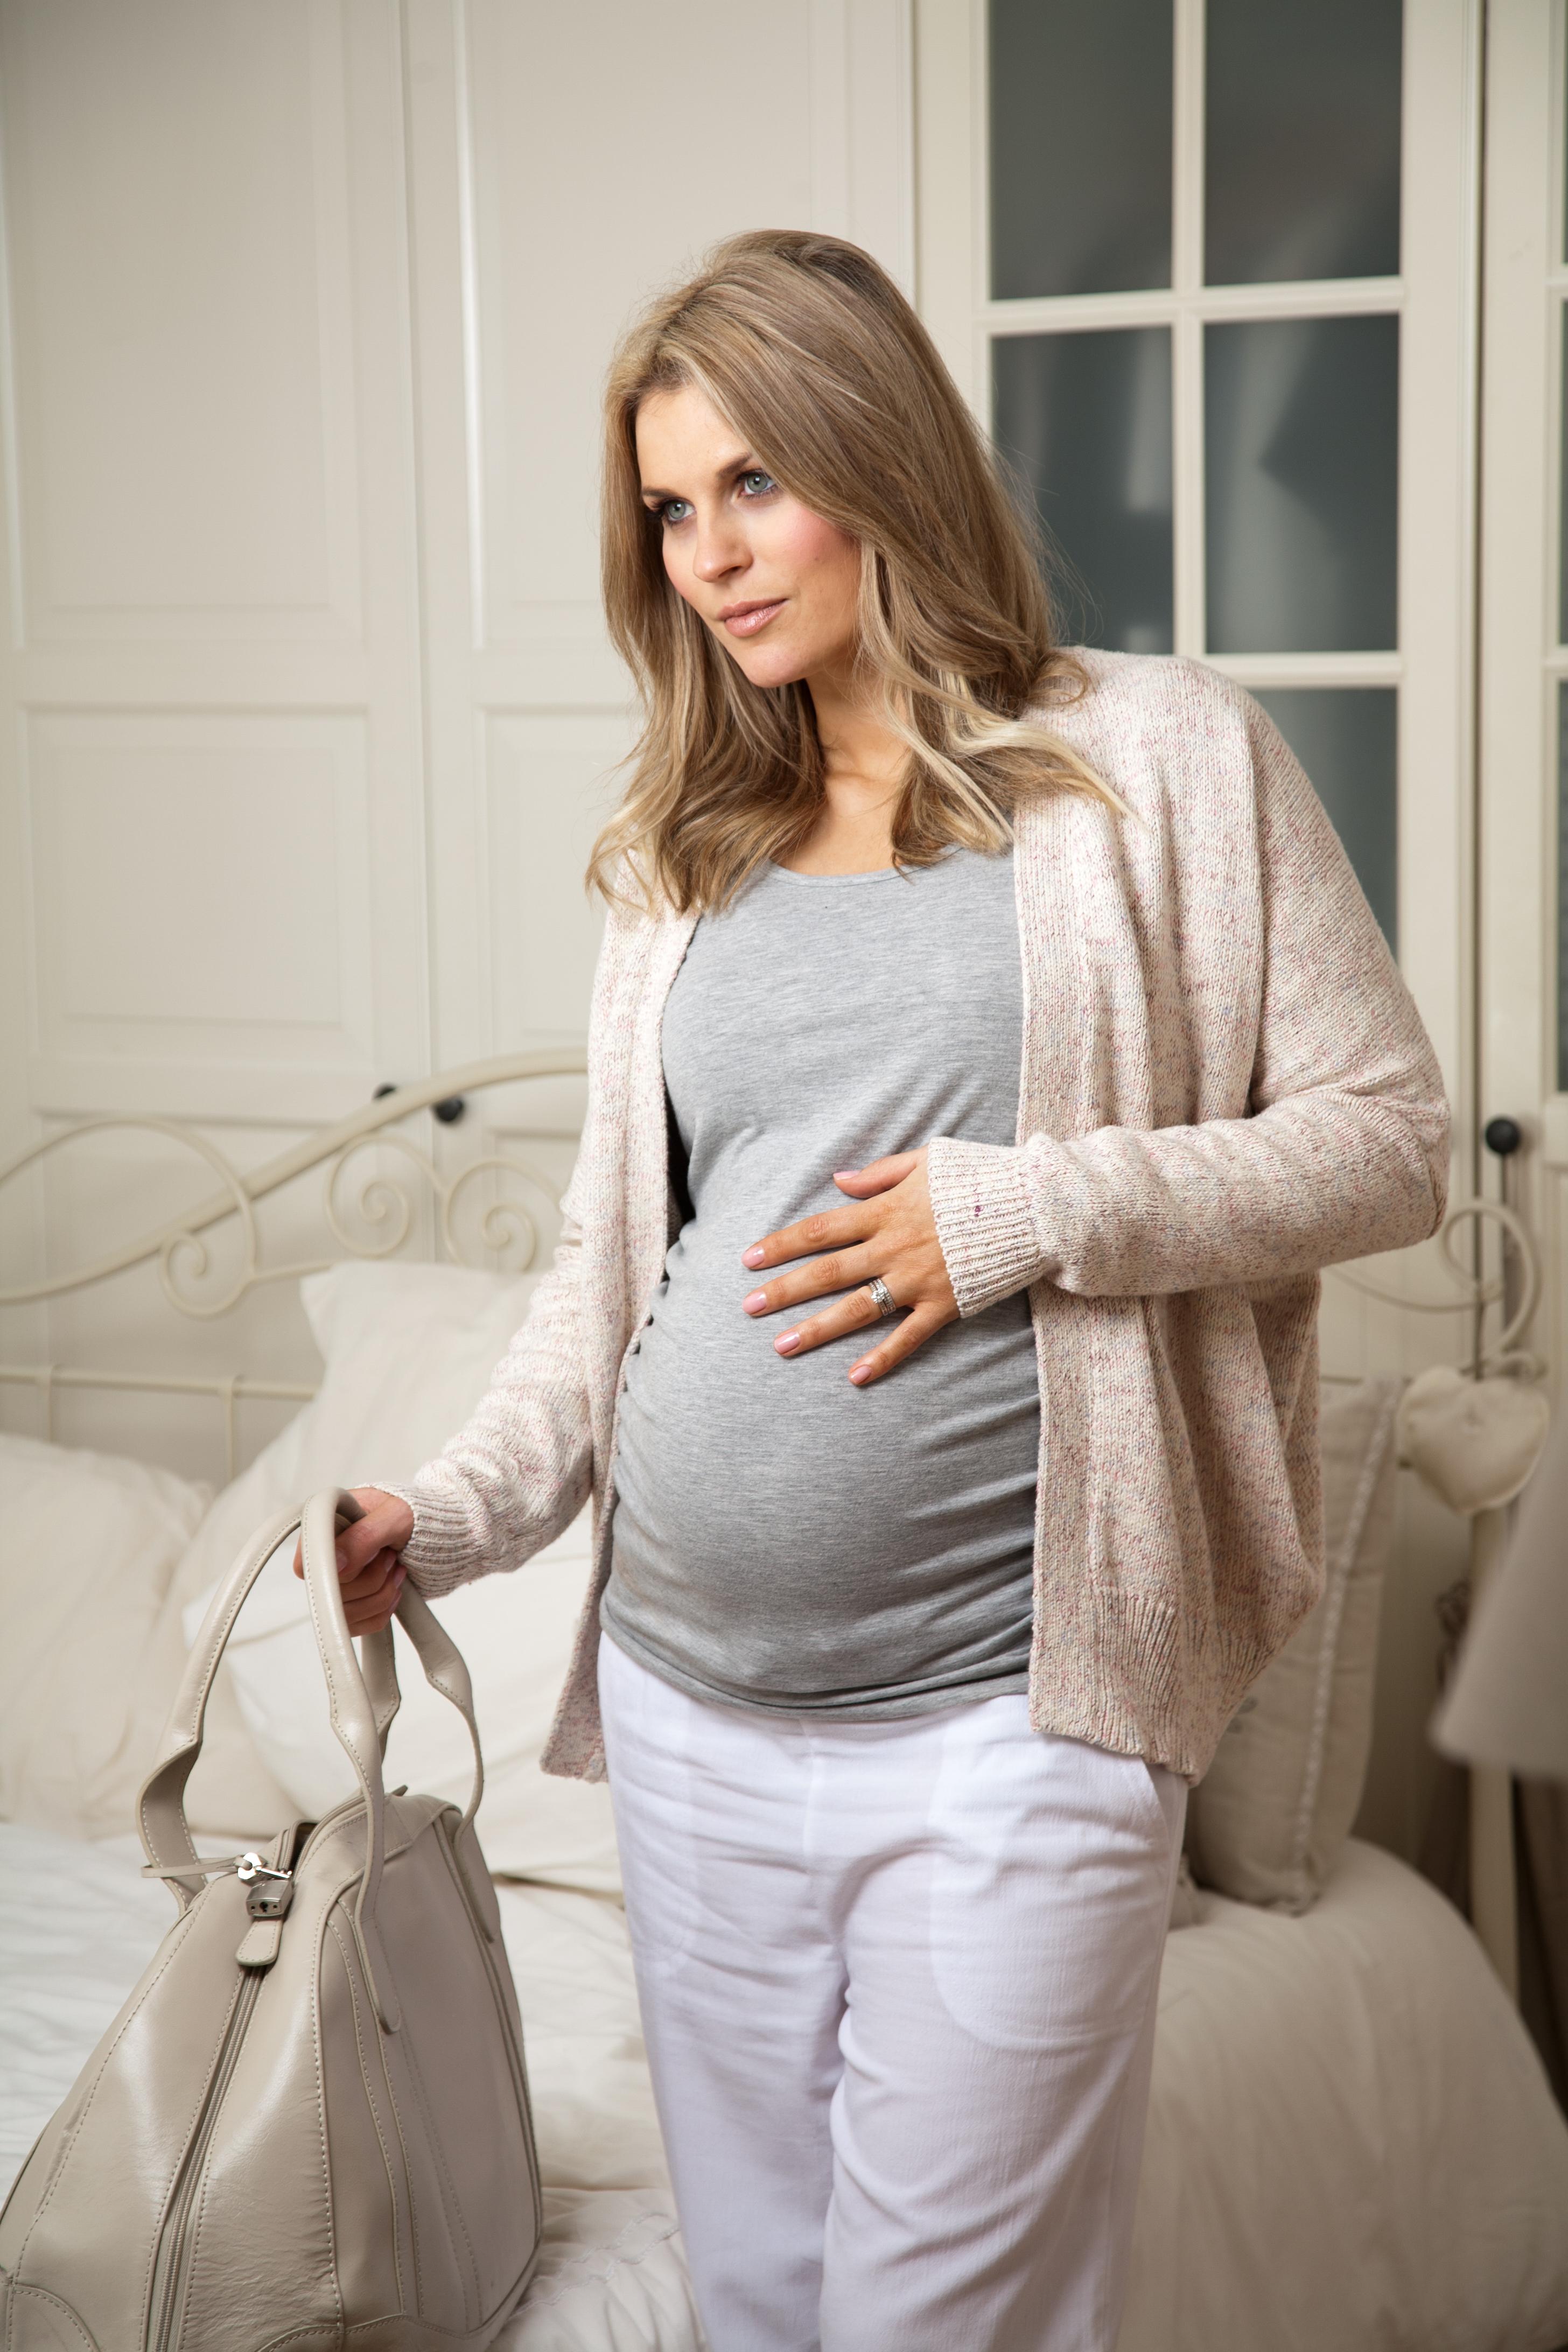 Когда пора ехать в роддом Признаки начала родов и схватки